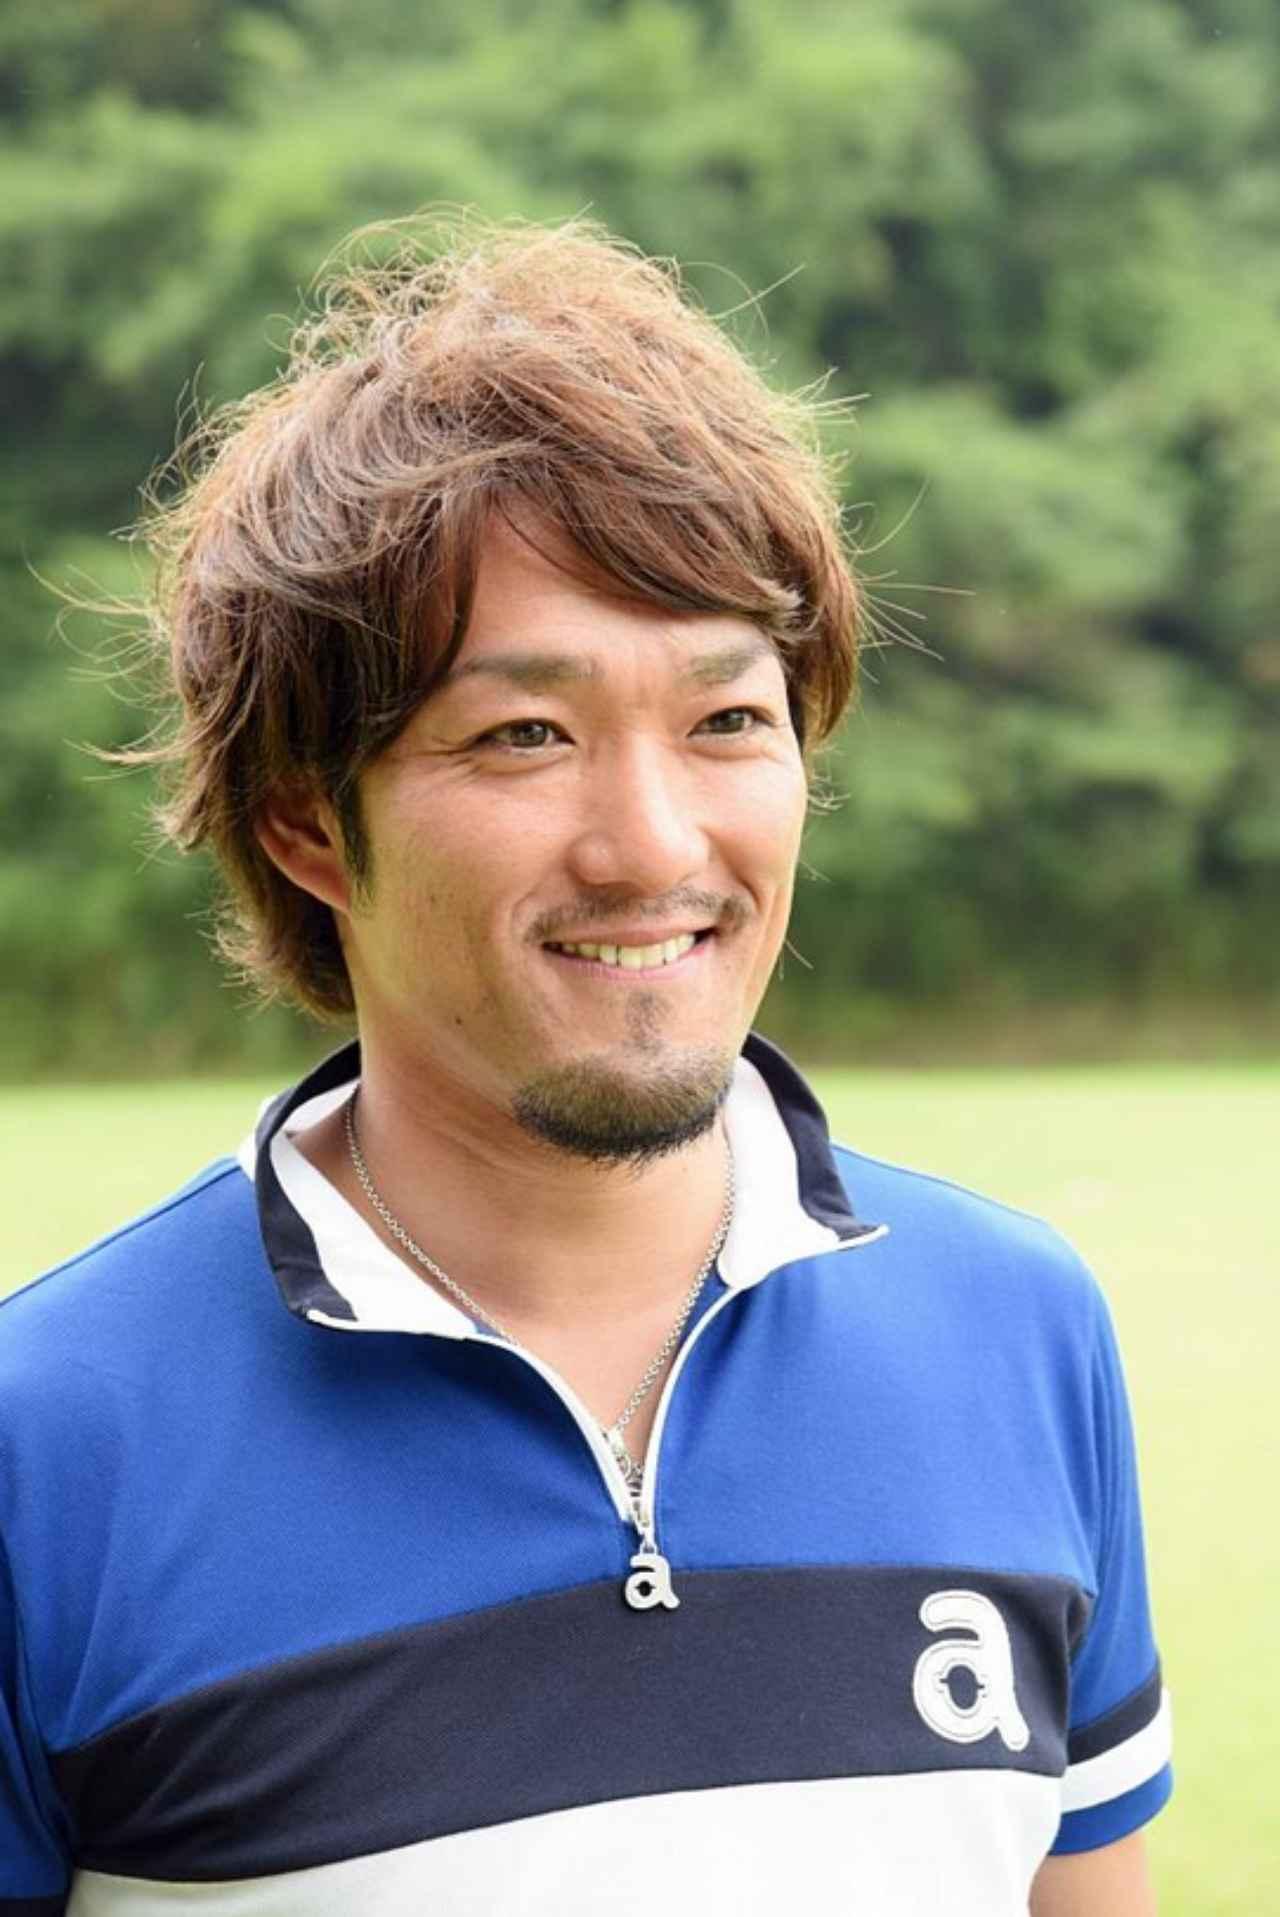 画像: 井雄一郎(とりい・ゆういちろう)。1983年、北海道出身。高校卒業後渡豪し、ジェイソン・デイとともにコリン・スワットンの元でゴルフを学ぶ。ゴルフスタジオジーハート・ヘッドコーチ